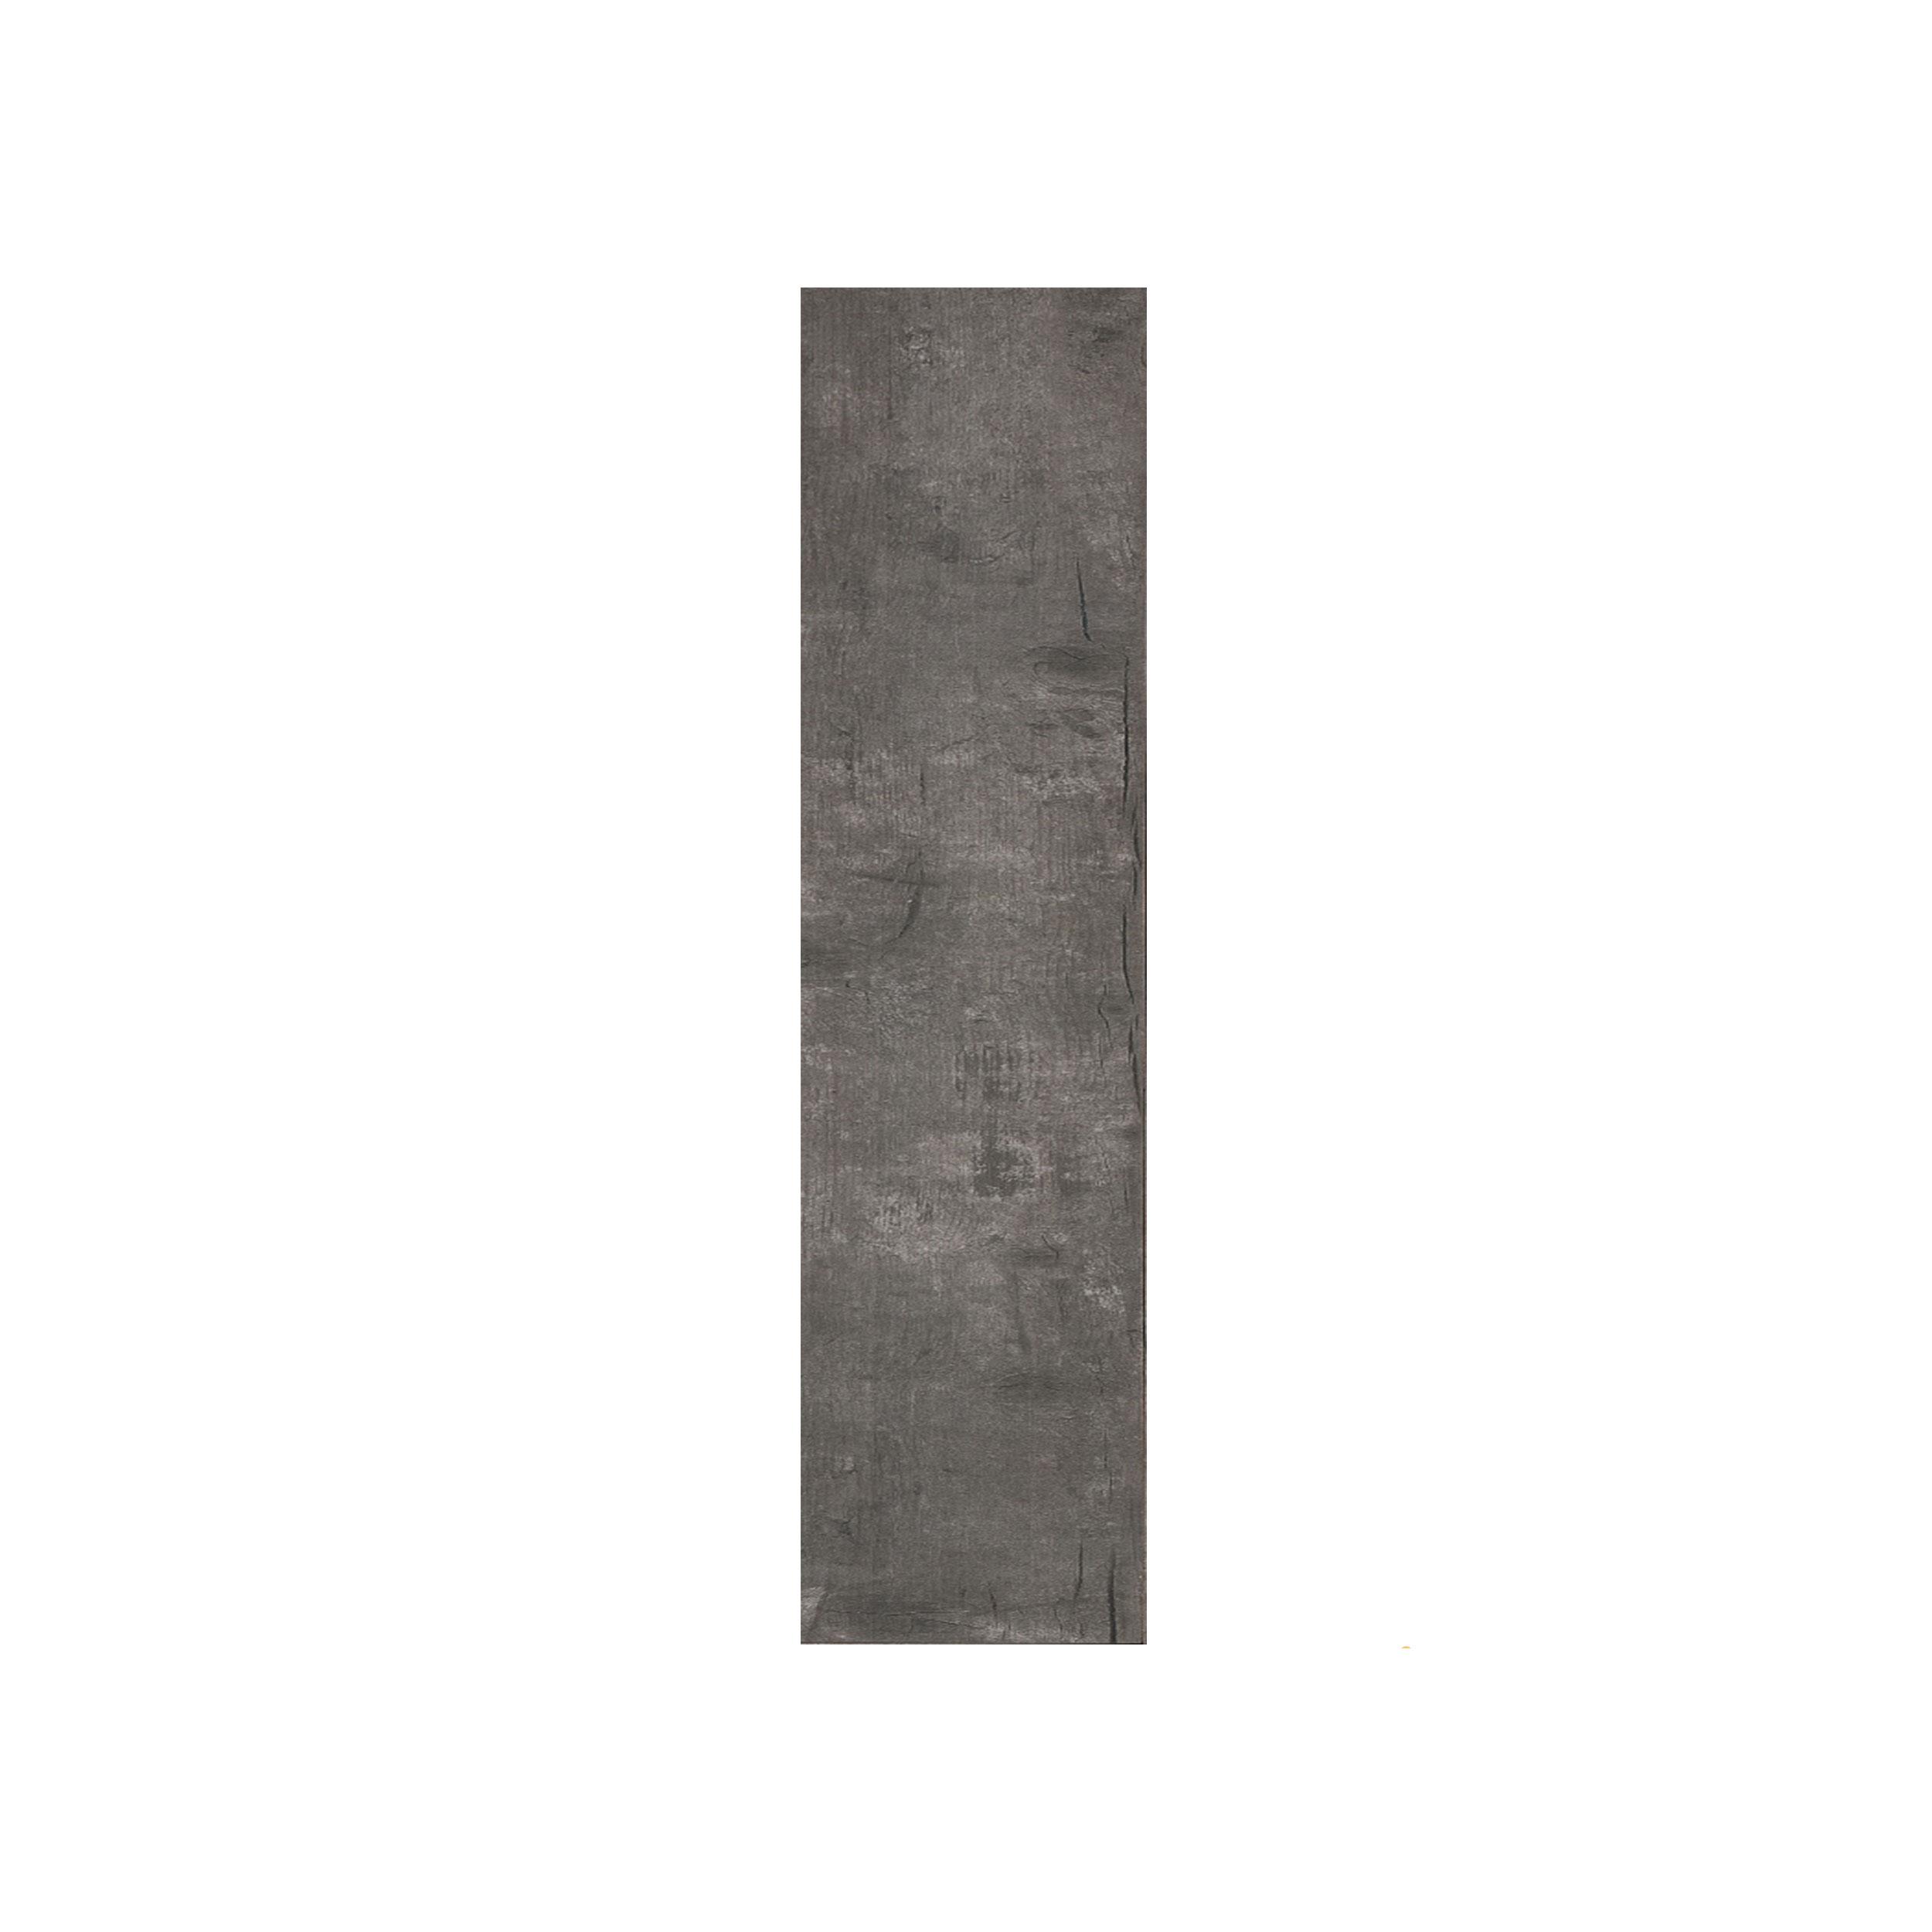 COTTO กระเบื้องปูพื้นและผนัง (คอตโต้) 6x36 นิ้ว (15x90ซม.) GT737575